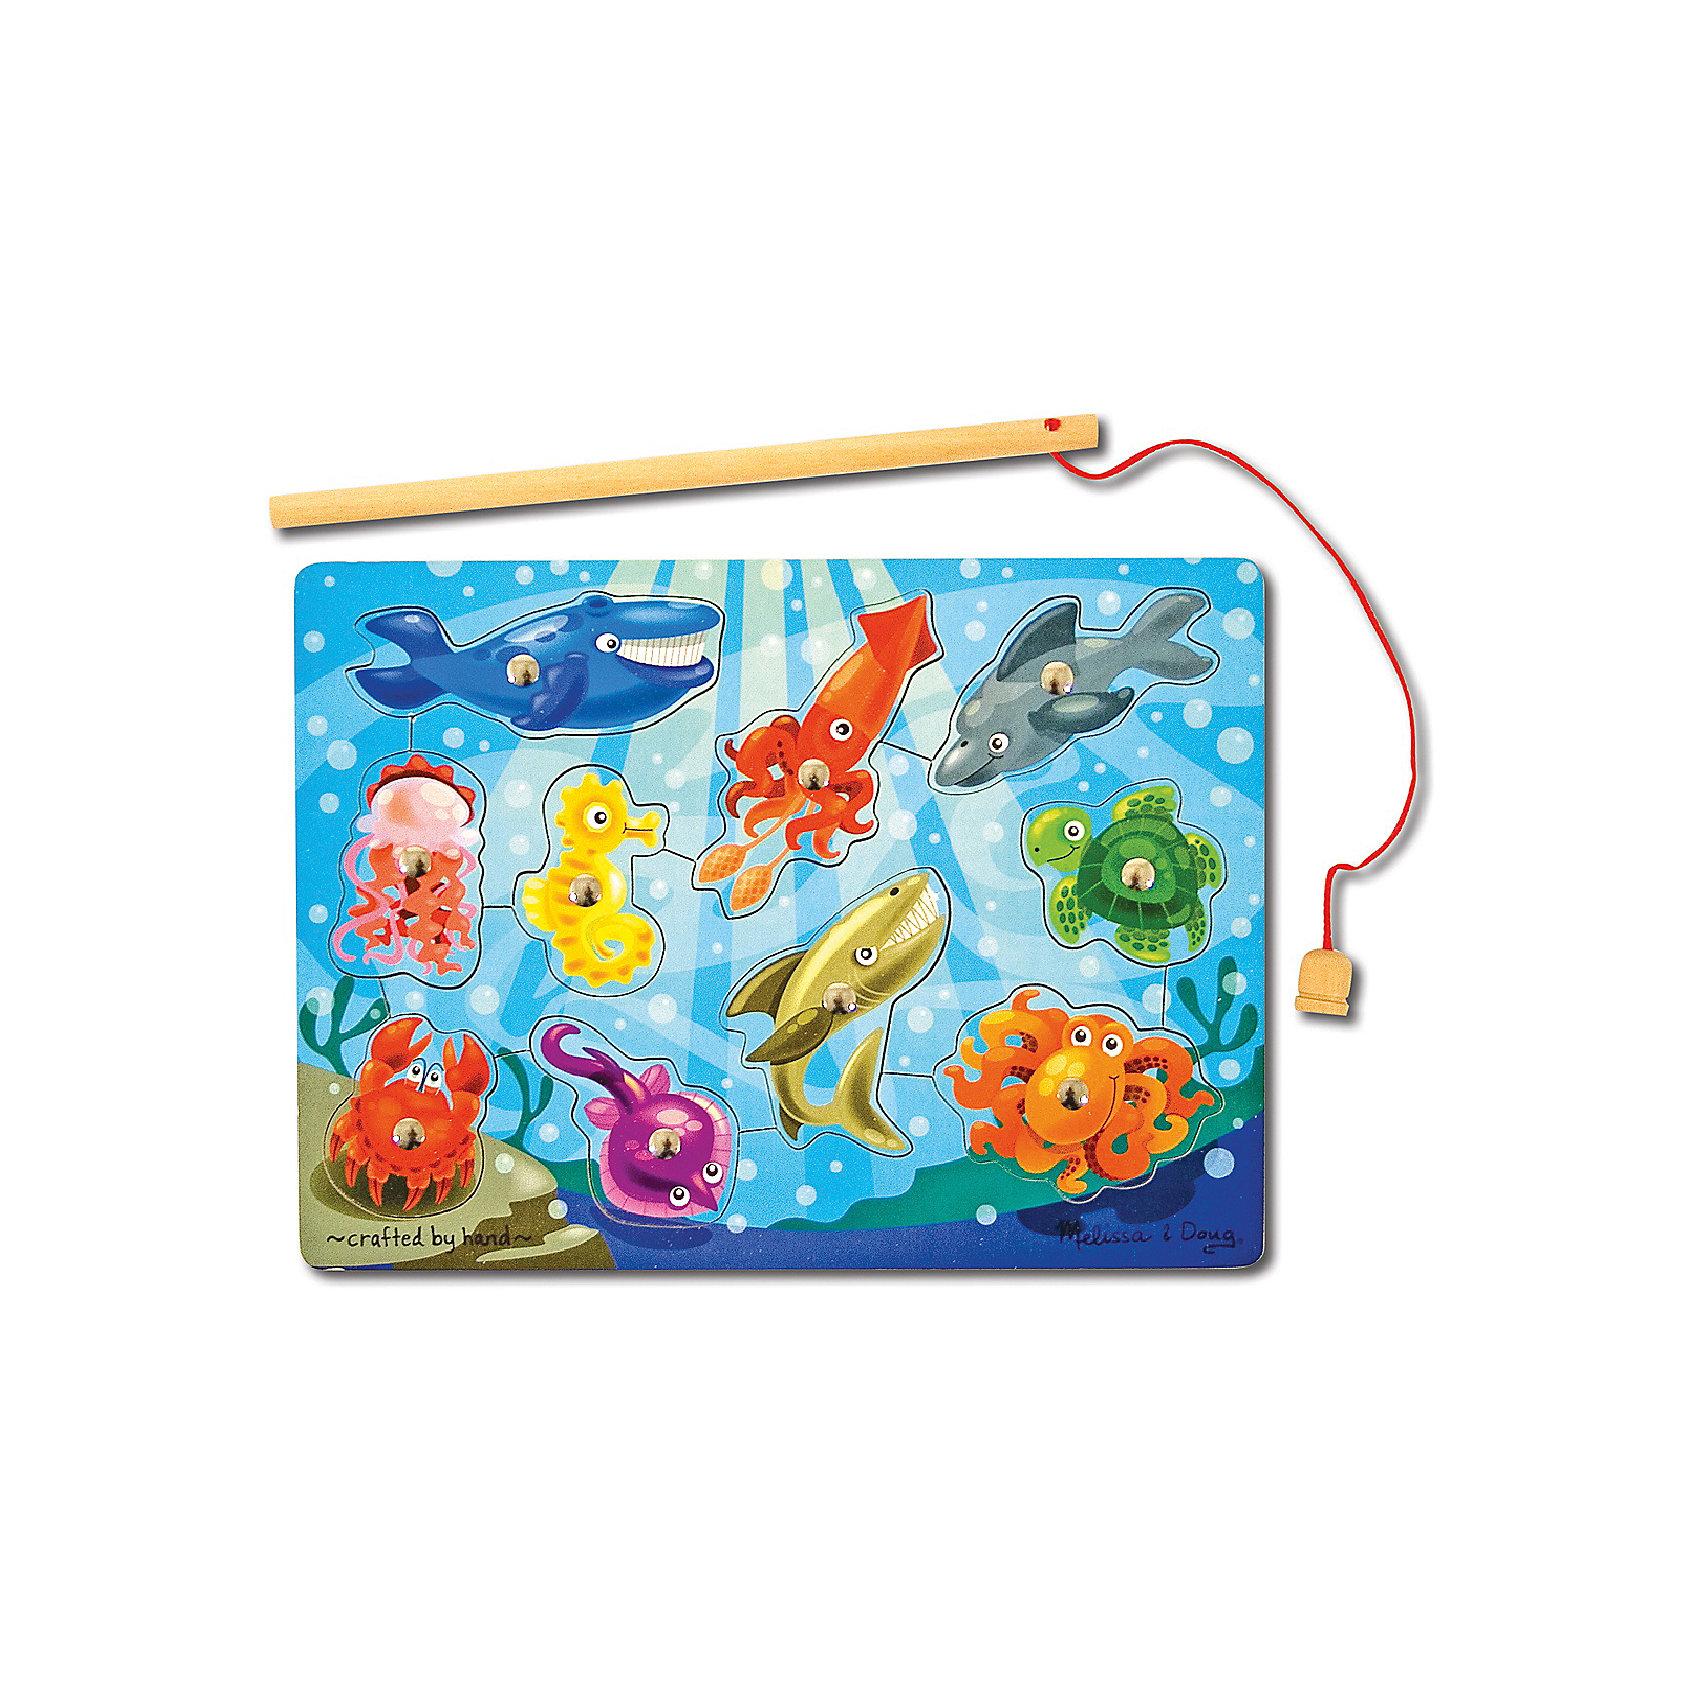 Магнитная игра Рыбалка, Melissa&amp;DougМагнитная игра Рыбалка, Melissa&amp;Doug - красочная развивающая игрушка, которая познакомит Вашего малыша с разными морскими животными и рыбками.<br>Рамка- основа представляет из себя яркую картинку с изображением подводного мира. В специальные углубления вставлены детальки с различными морскими обитателями, каждая деталь строго на свое место. Цель игры -  при помощи магнитной удочки вынимать детали-рыбок из основы, а затем возвращать на свое место. <br><br>На каждой детали прикреплен магнит, что позволяет малышу легко и просто вылавливать рыбок из моря. Все детали игры качественно обработаны и окрашены безопасными красителями. Игра развивает координацию движений, мелкую моторику, внимание, навыки начального счета и логическое мышление.<br><br>Дополнительная информация:<br><br>- Материал: дерево, металл. <br>- Размер упаковки: 2,5 х 23 х 30,5 см. <br>- Вес: 0,5 кг.<br> <br>Магнитную игру Рыбалка, Melissa&amp;Doug, можно купить в нашем интернет-магазине.<br><br>Ширина мм: 10<br>Глубина мм: 220<br>Высота мм: 290<br>Вес г: 450<br>Возраст от месяцев: 36<br>Возраст до месяцев: 72<br>Пол: Унисекс<br>Возраст: Детский<br>SKU: 2401077